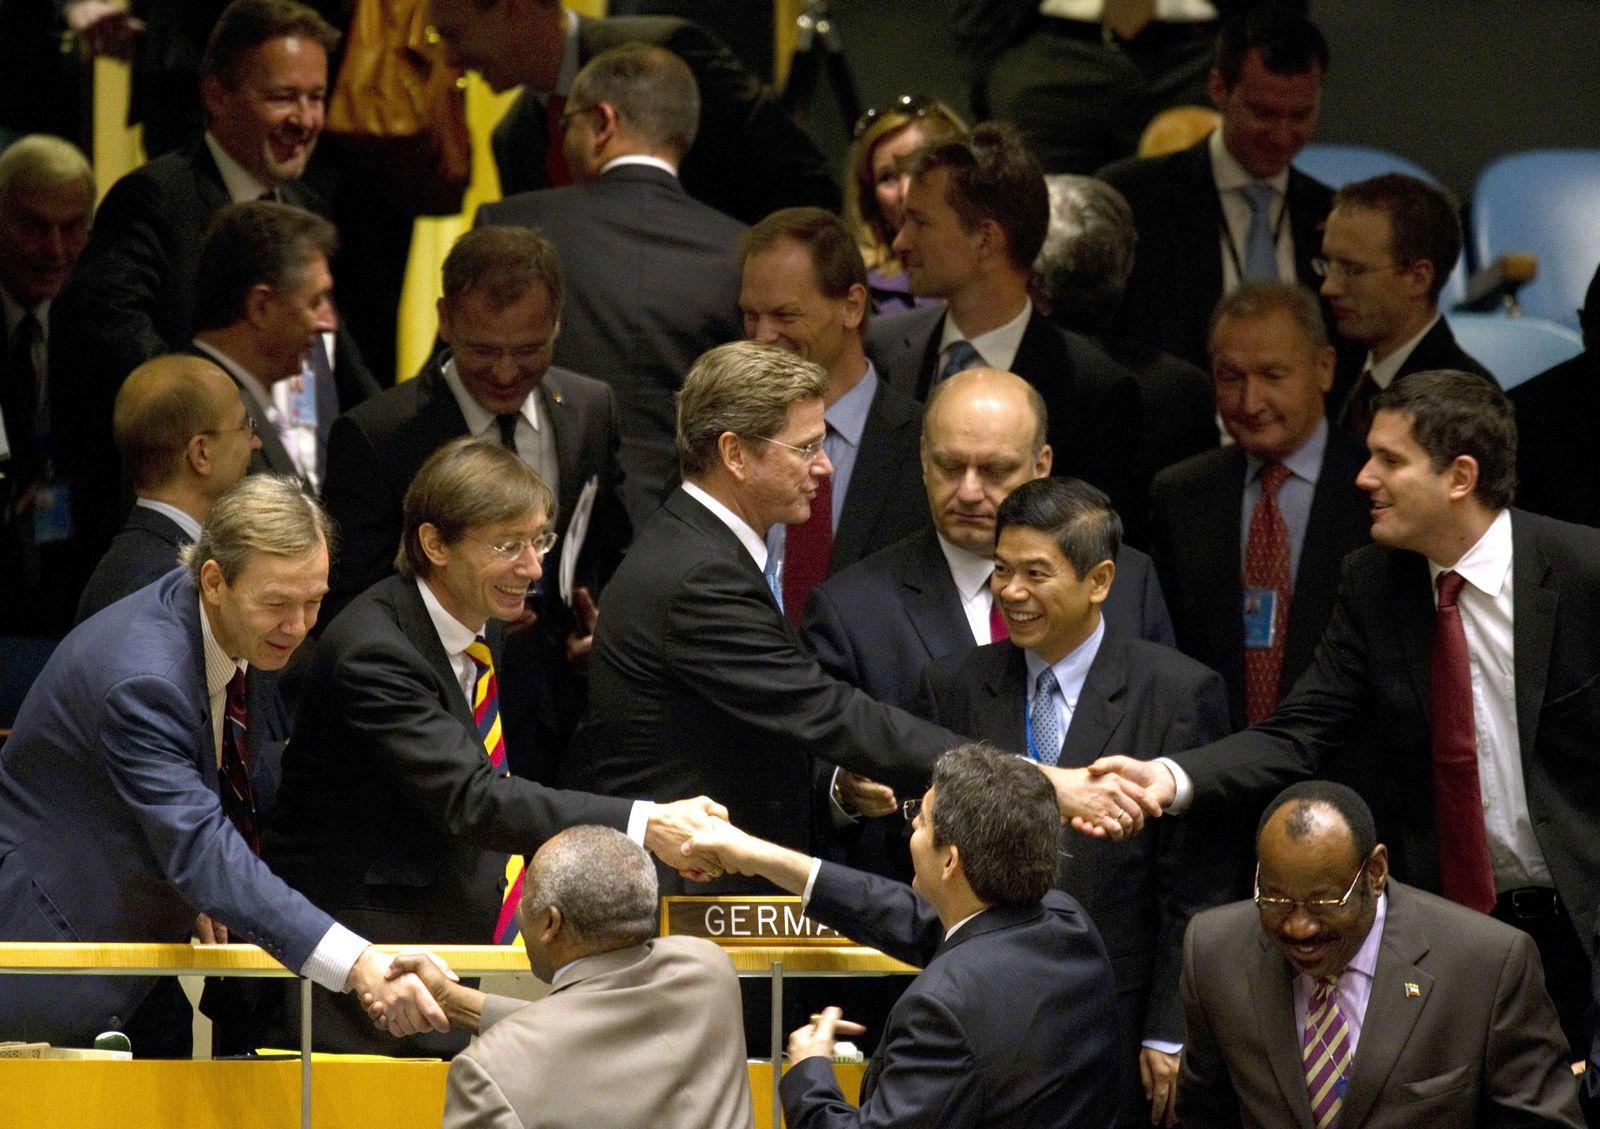 UN/ Deutschland/ Sicherheitsrat